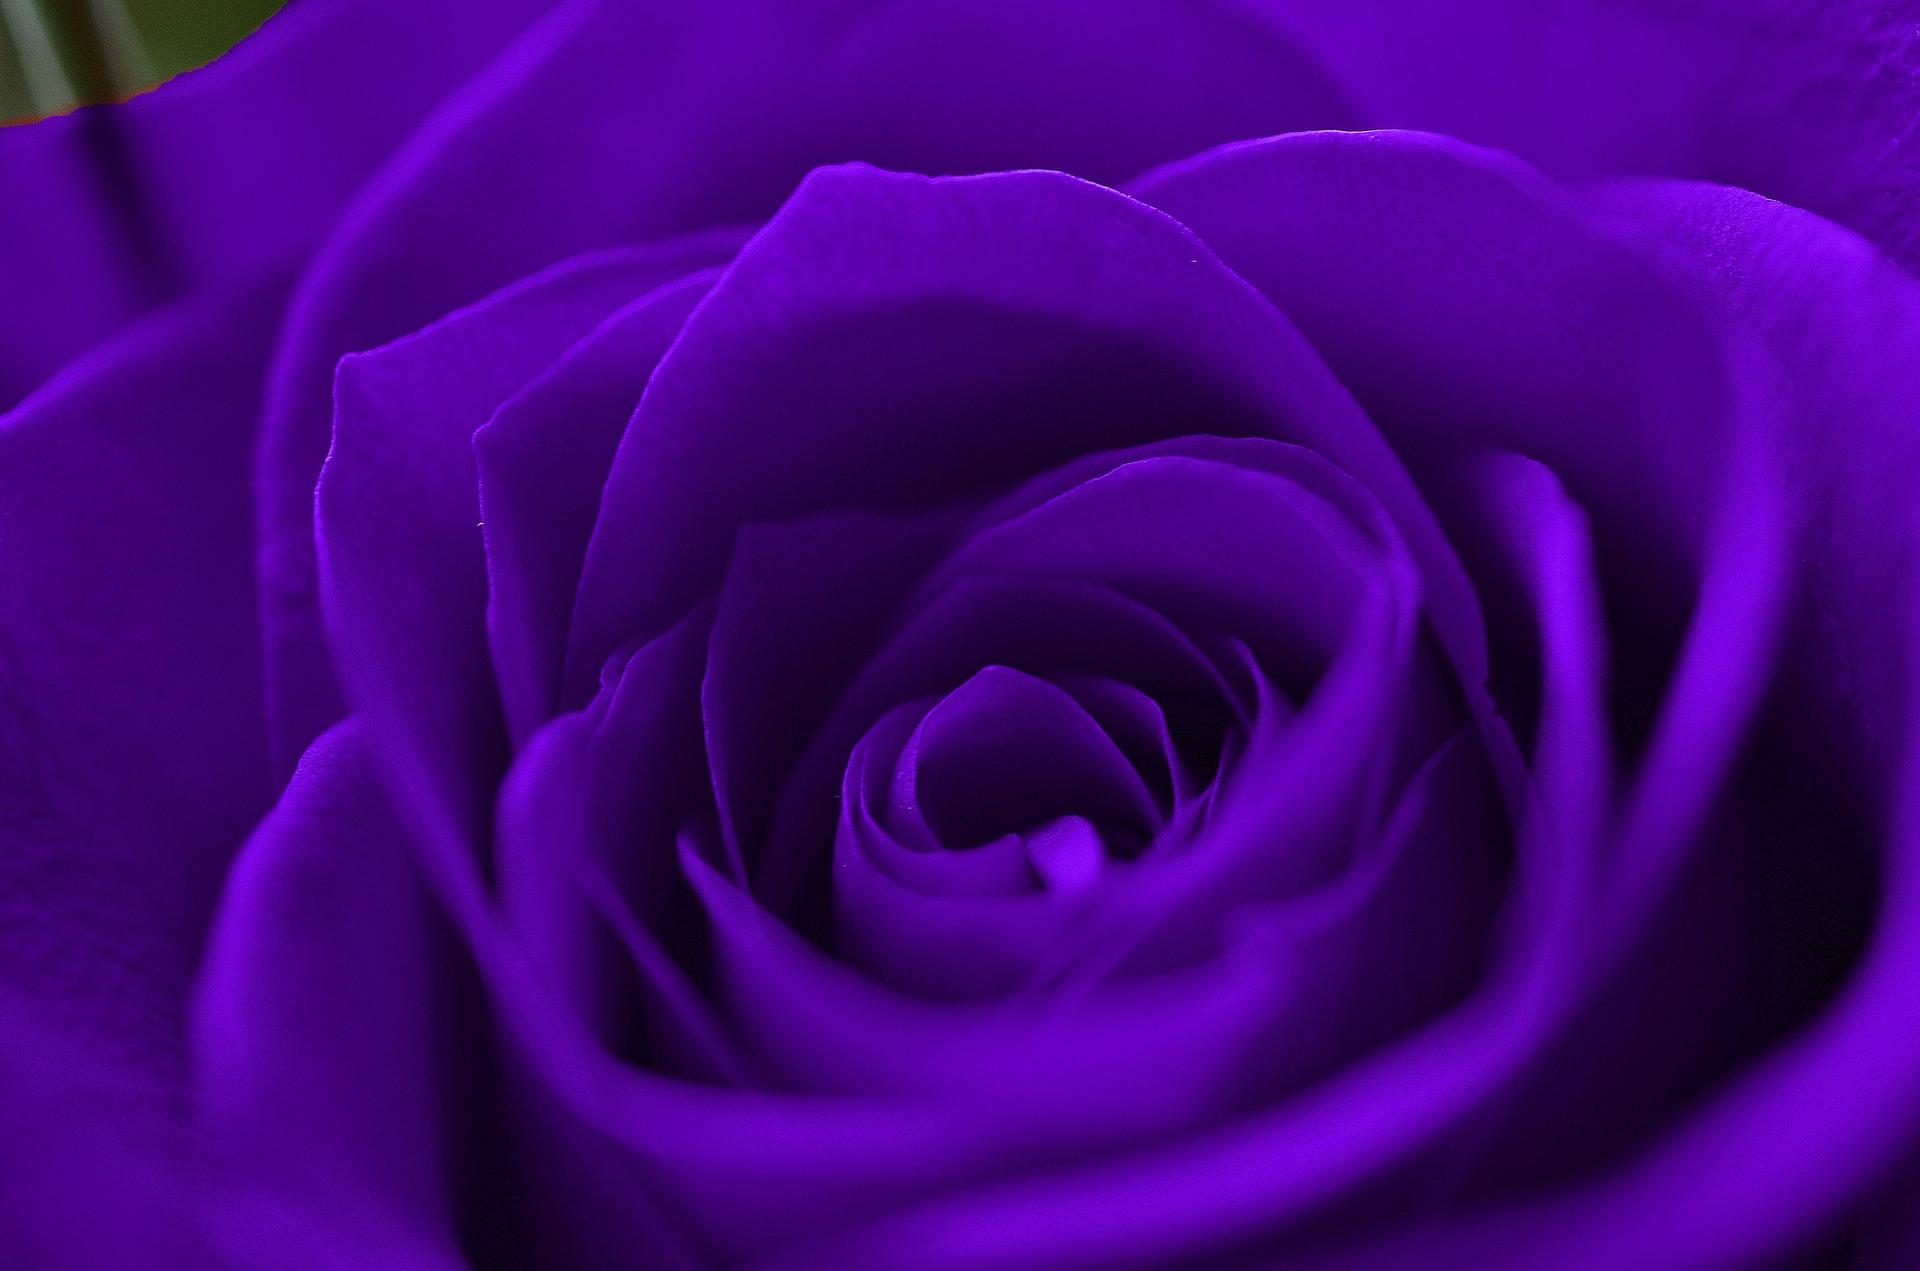 خلفيات ملونه فلاشيه Purple-Rose-Wallpapers